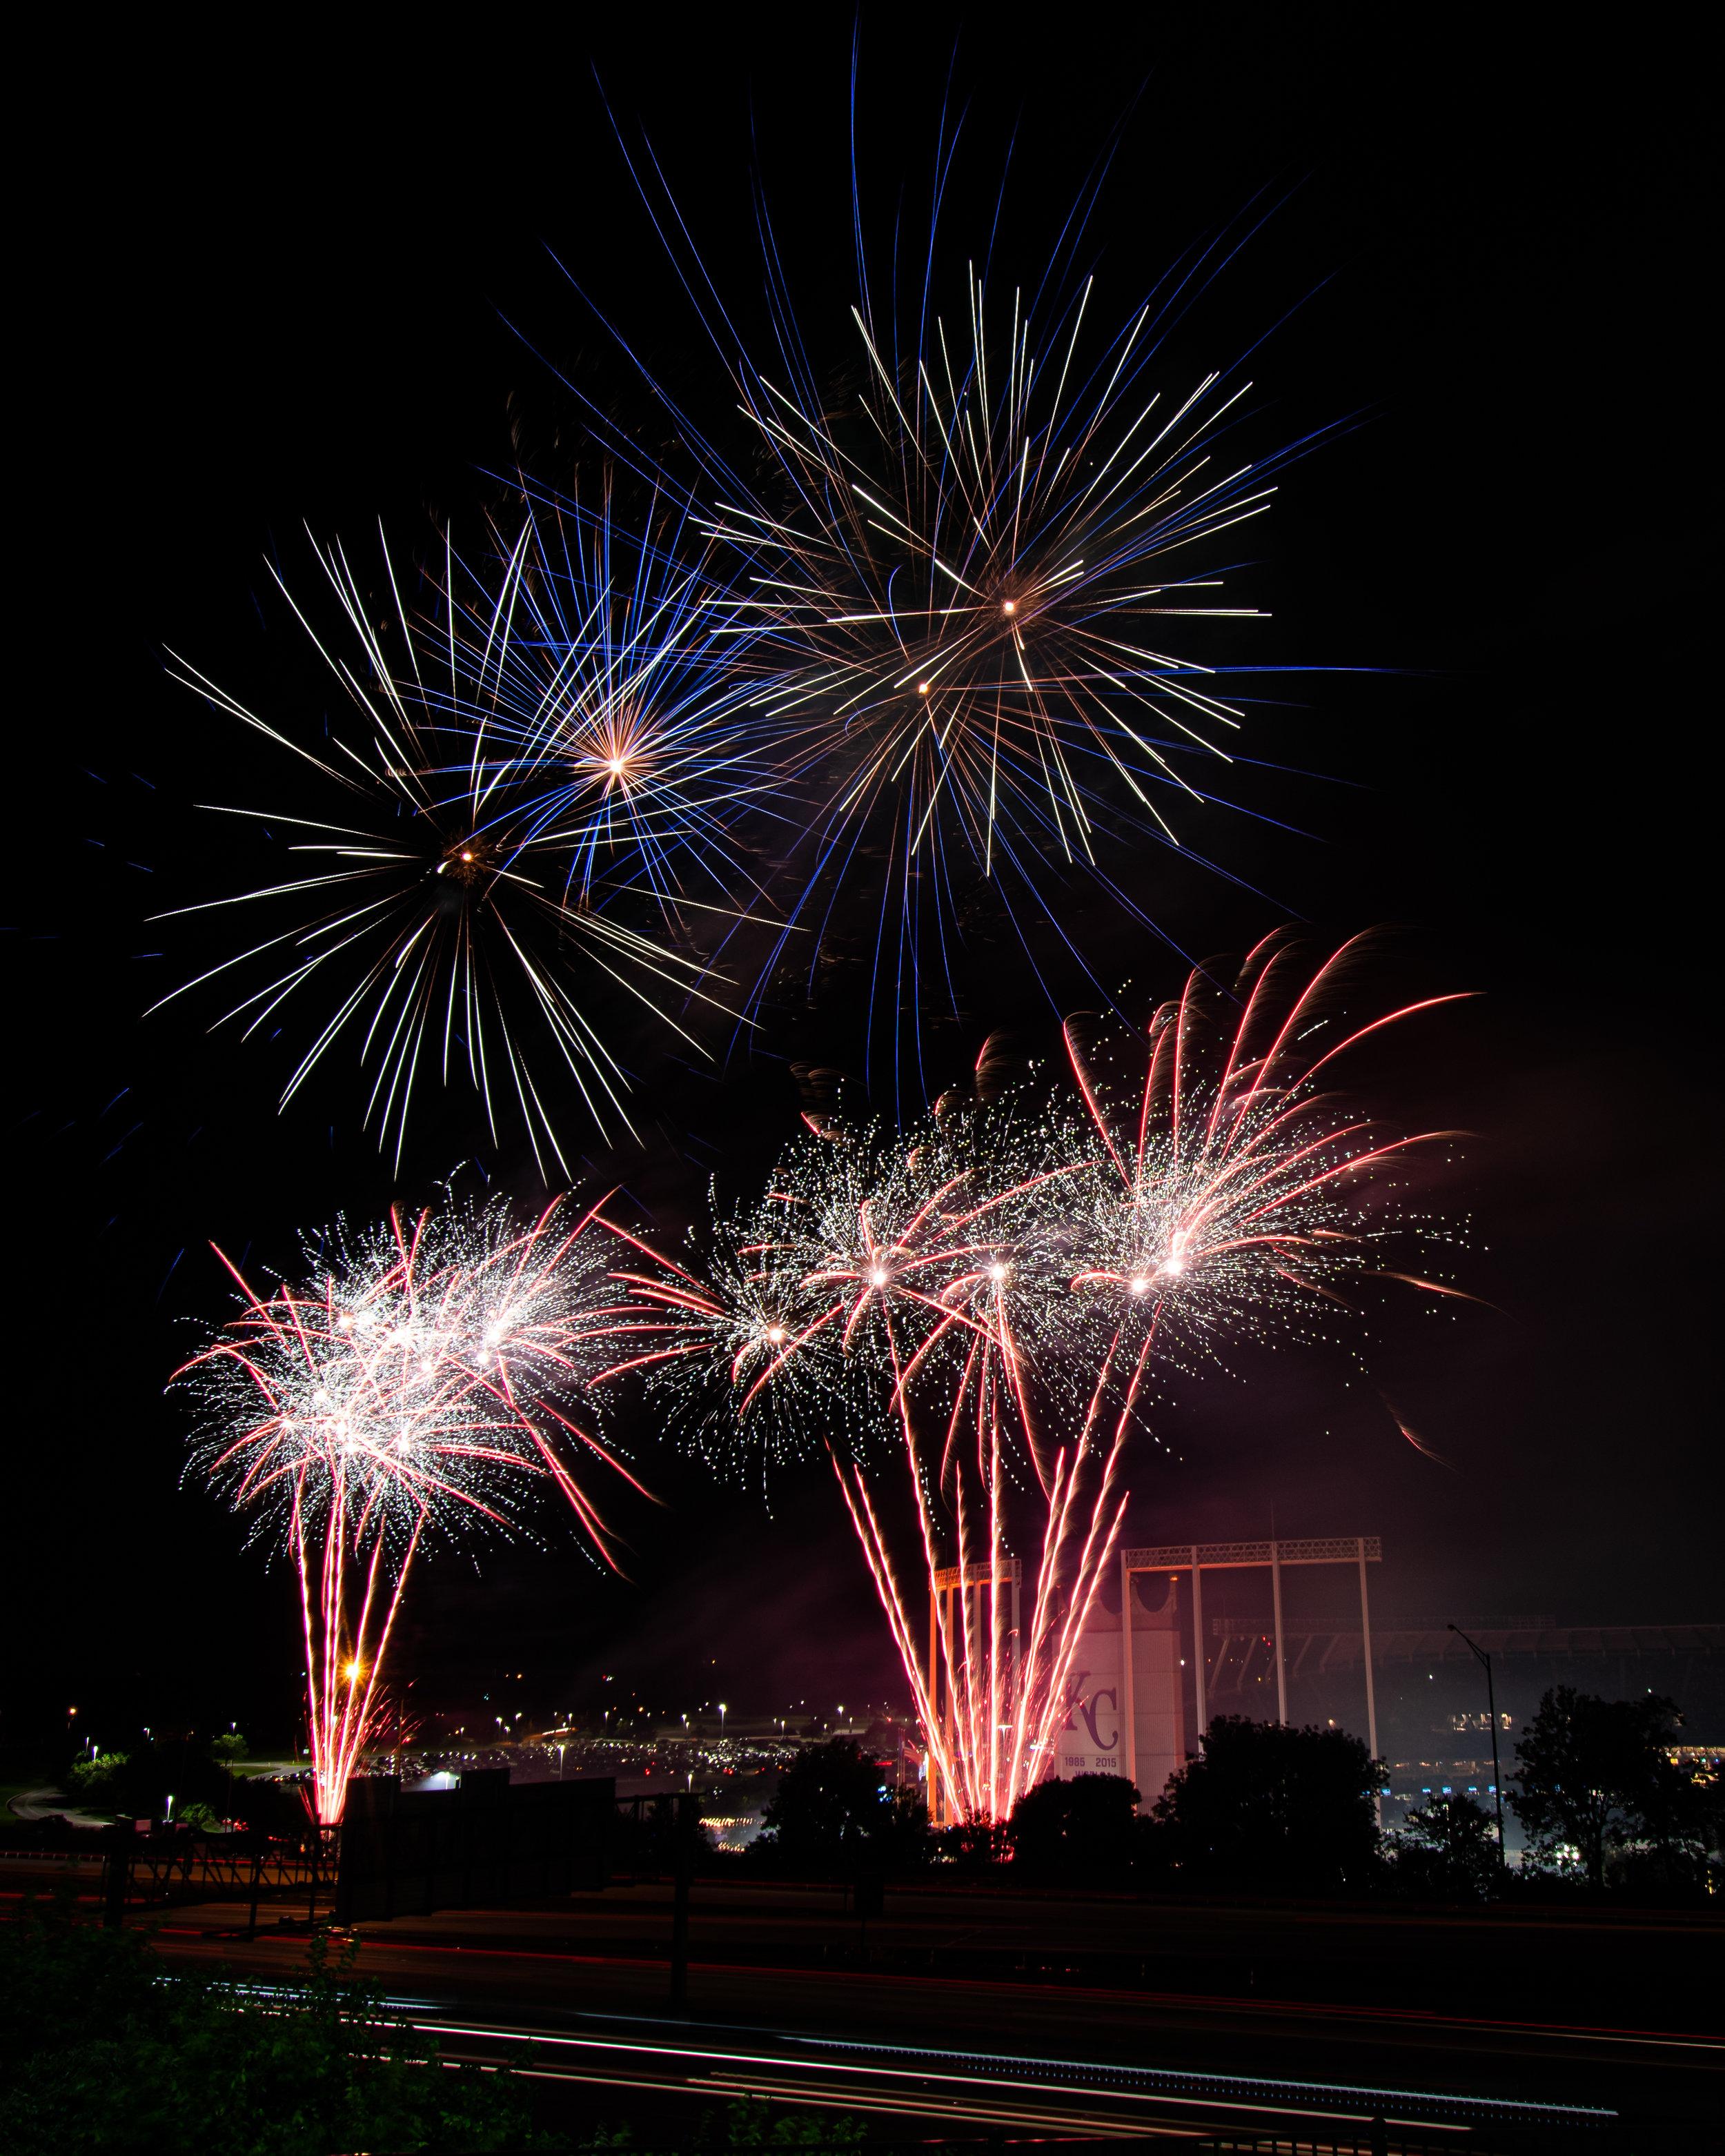 firework-friday-8-of-51_48108278991_o.jpg